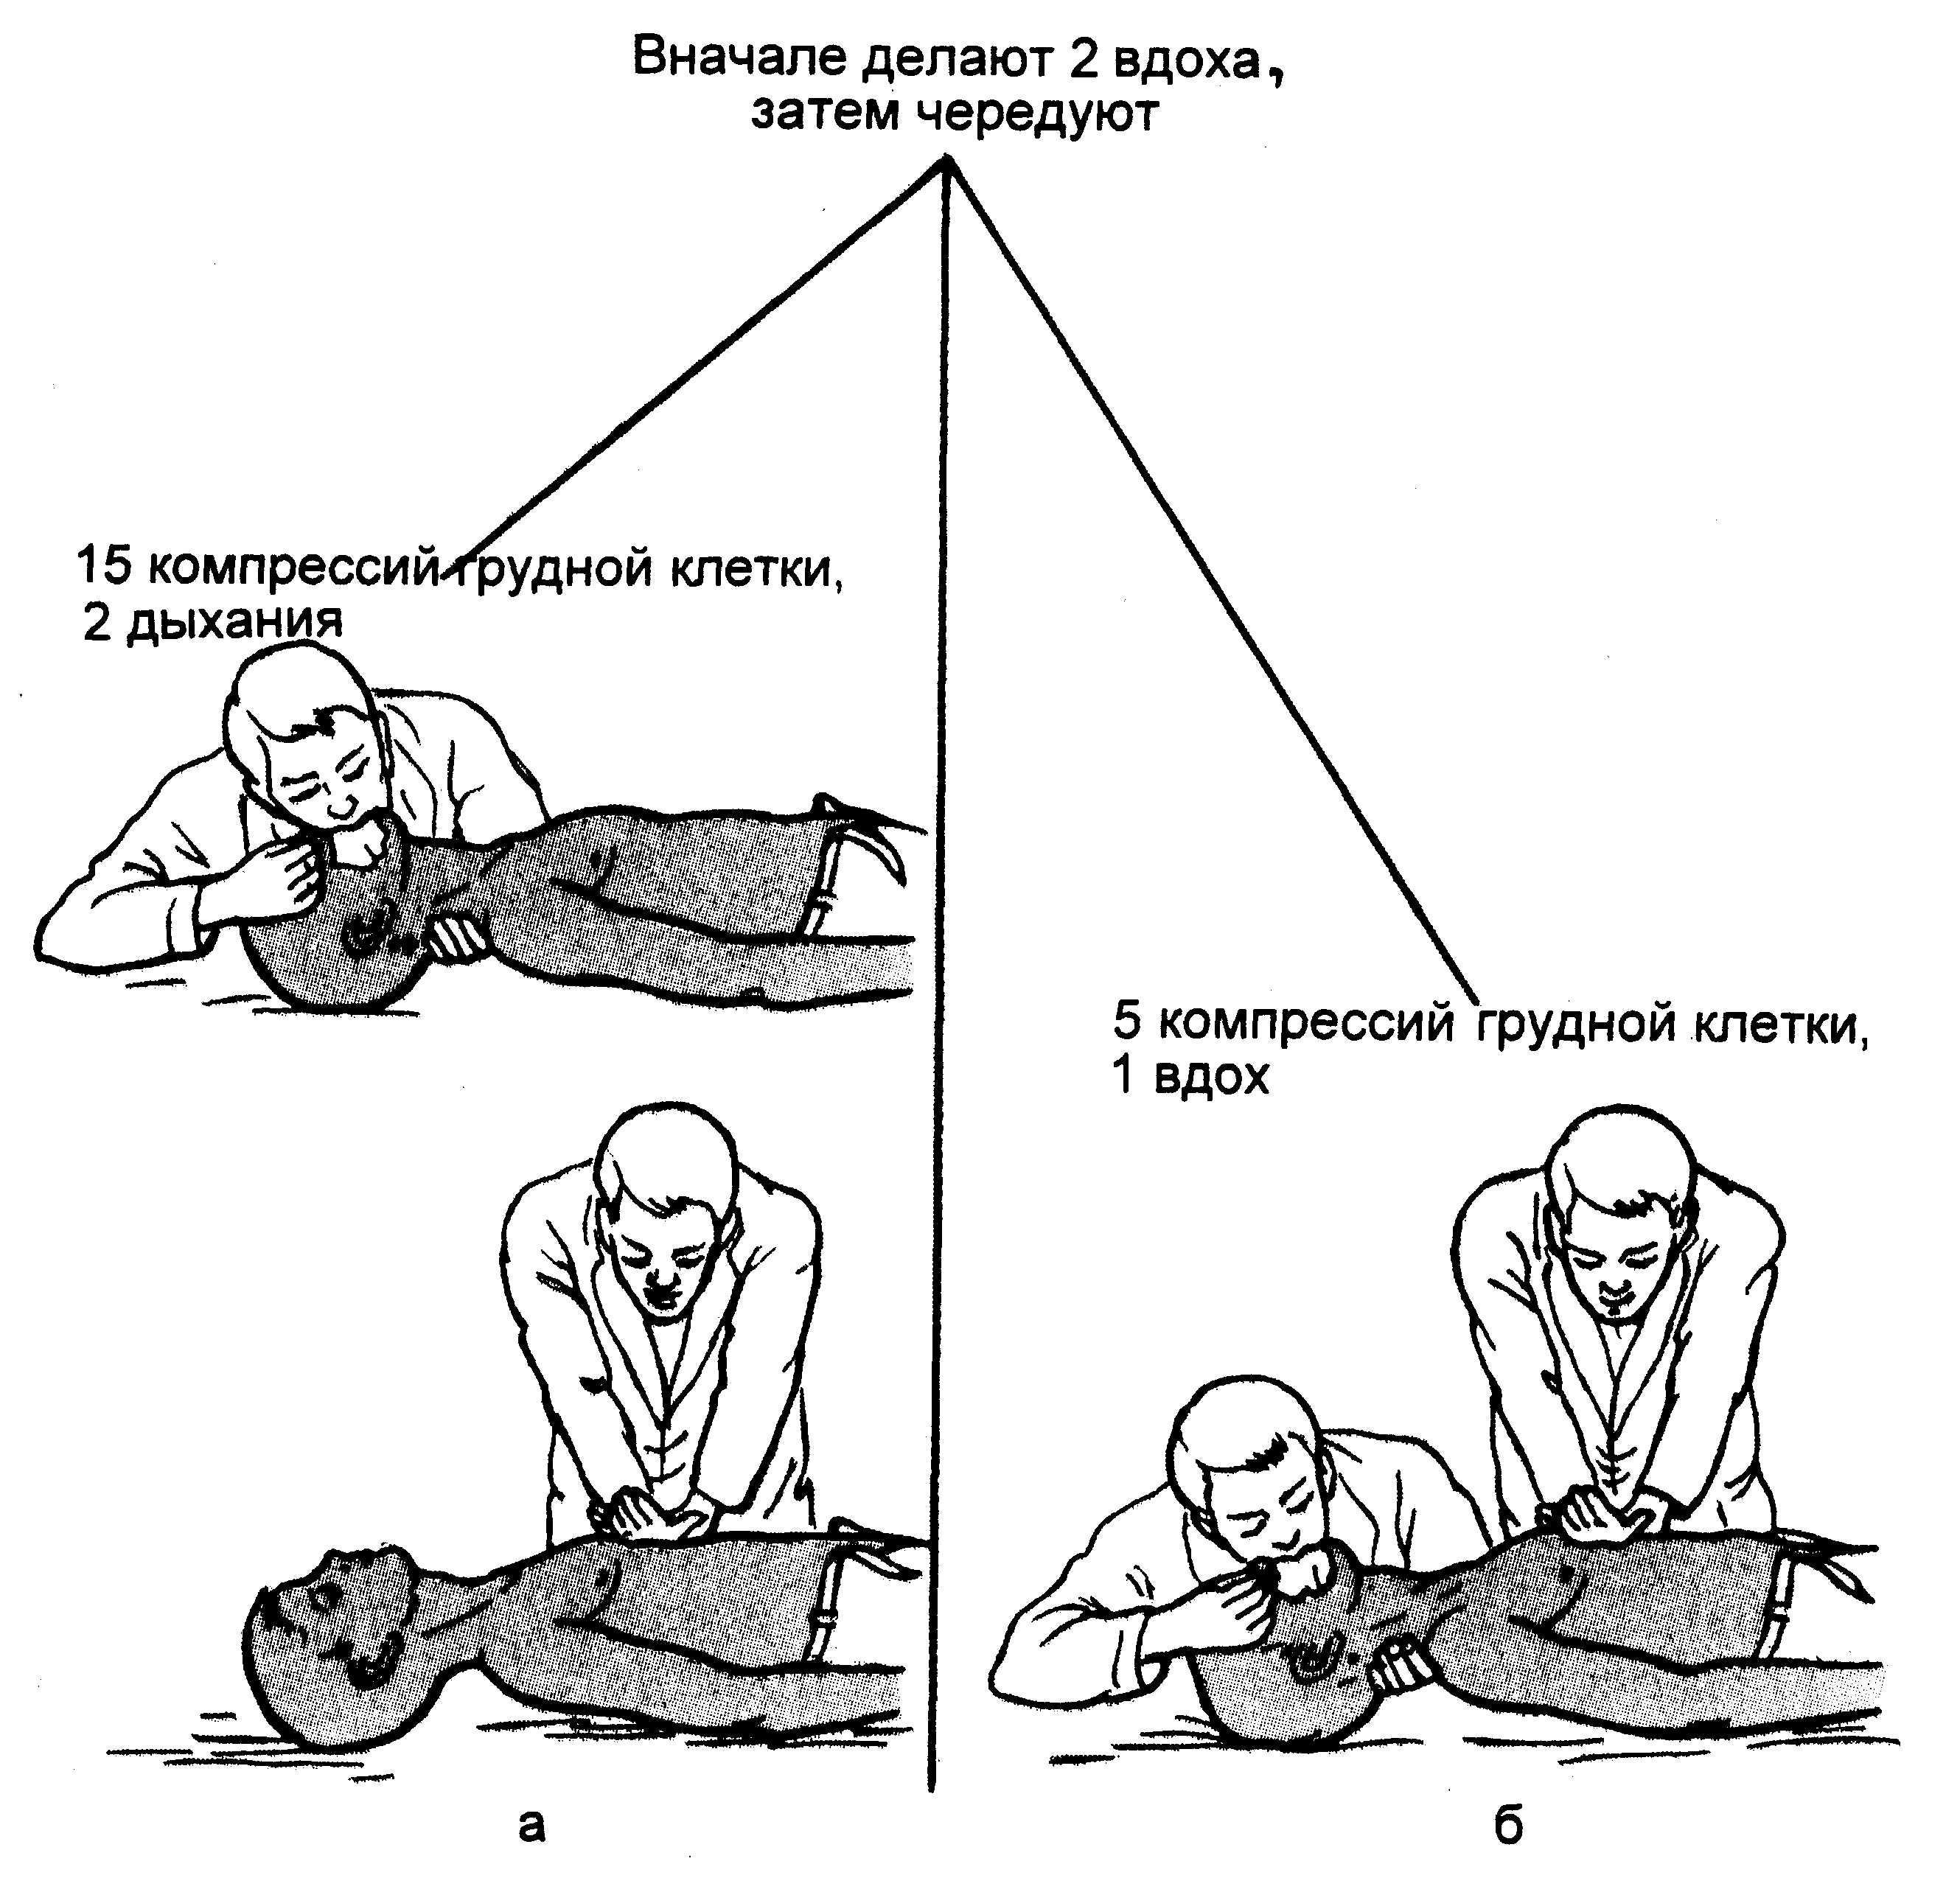 Сердечно-лёгочная реанимация — википедия. что такое сердечно-лёгочная реанимация